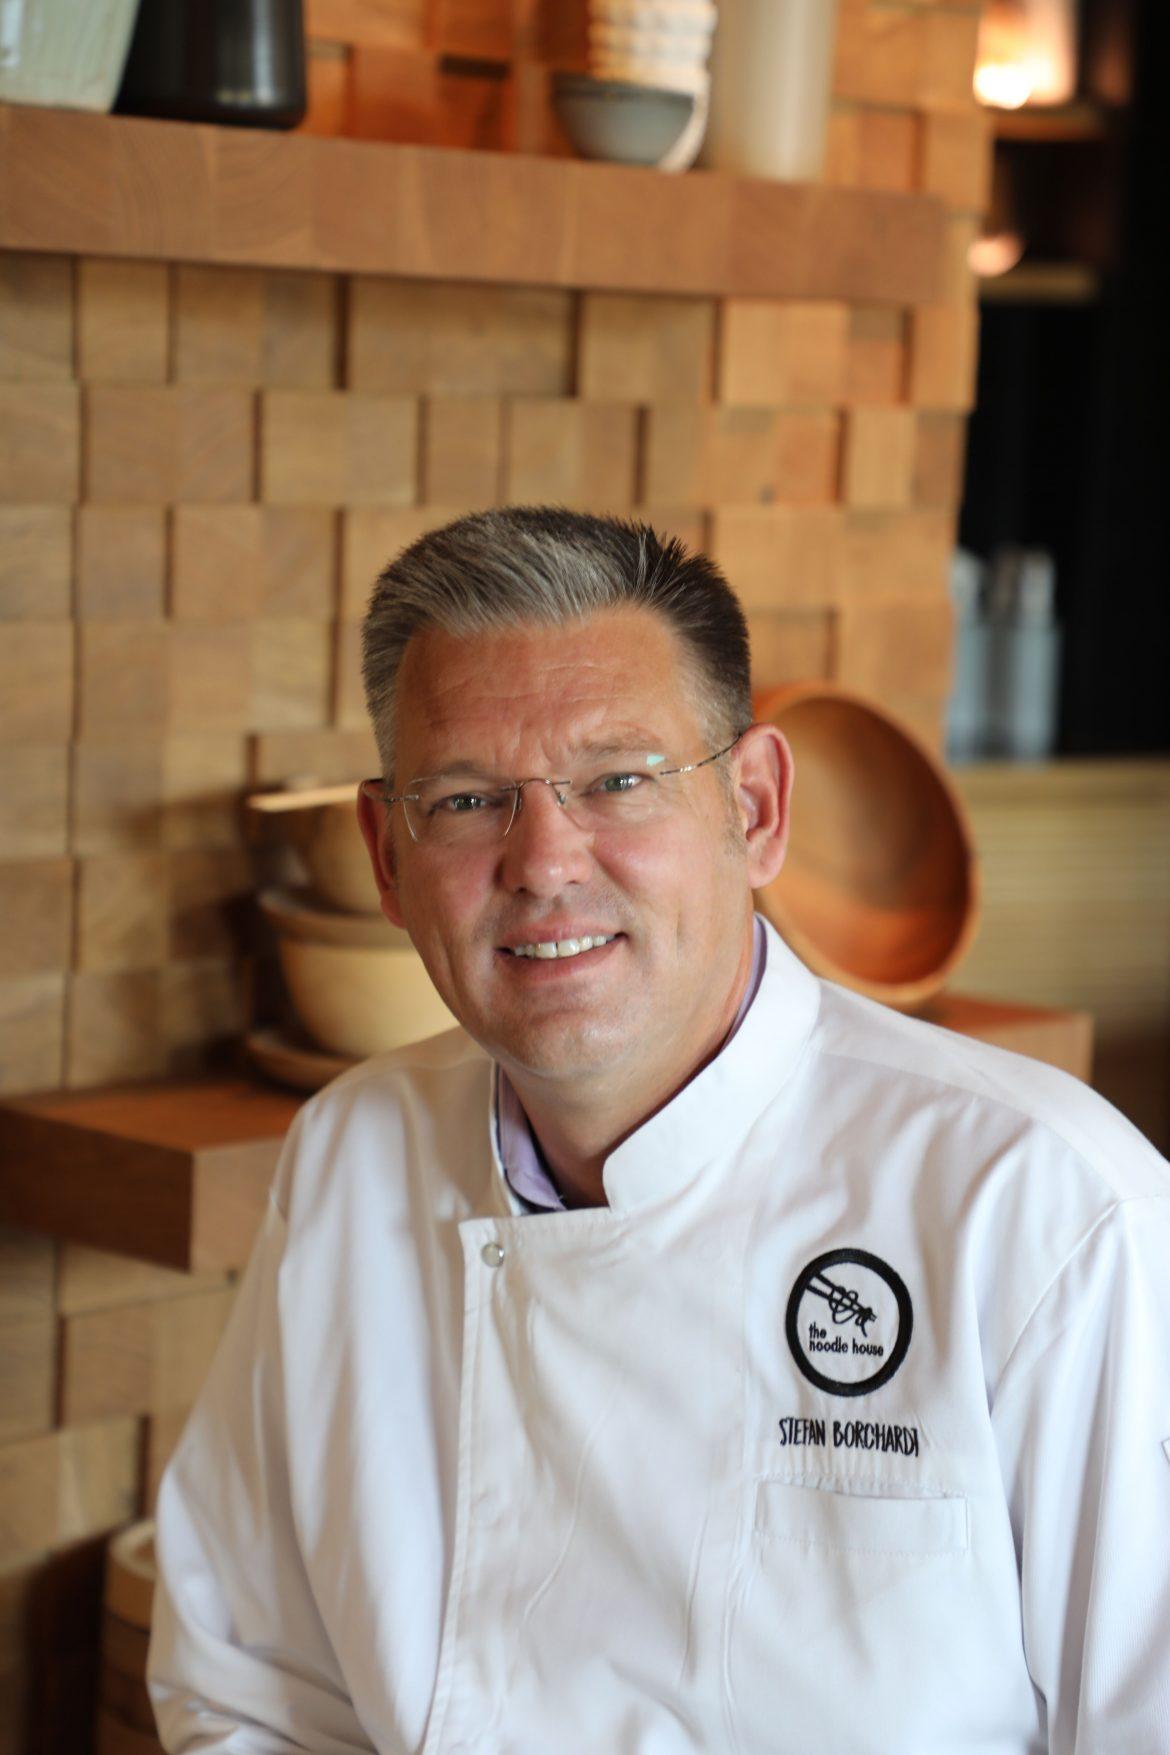 Chef Stefan Borchardt